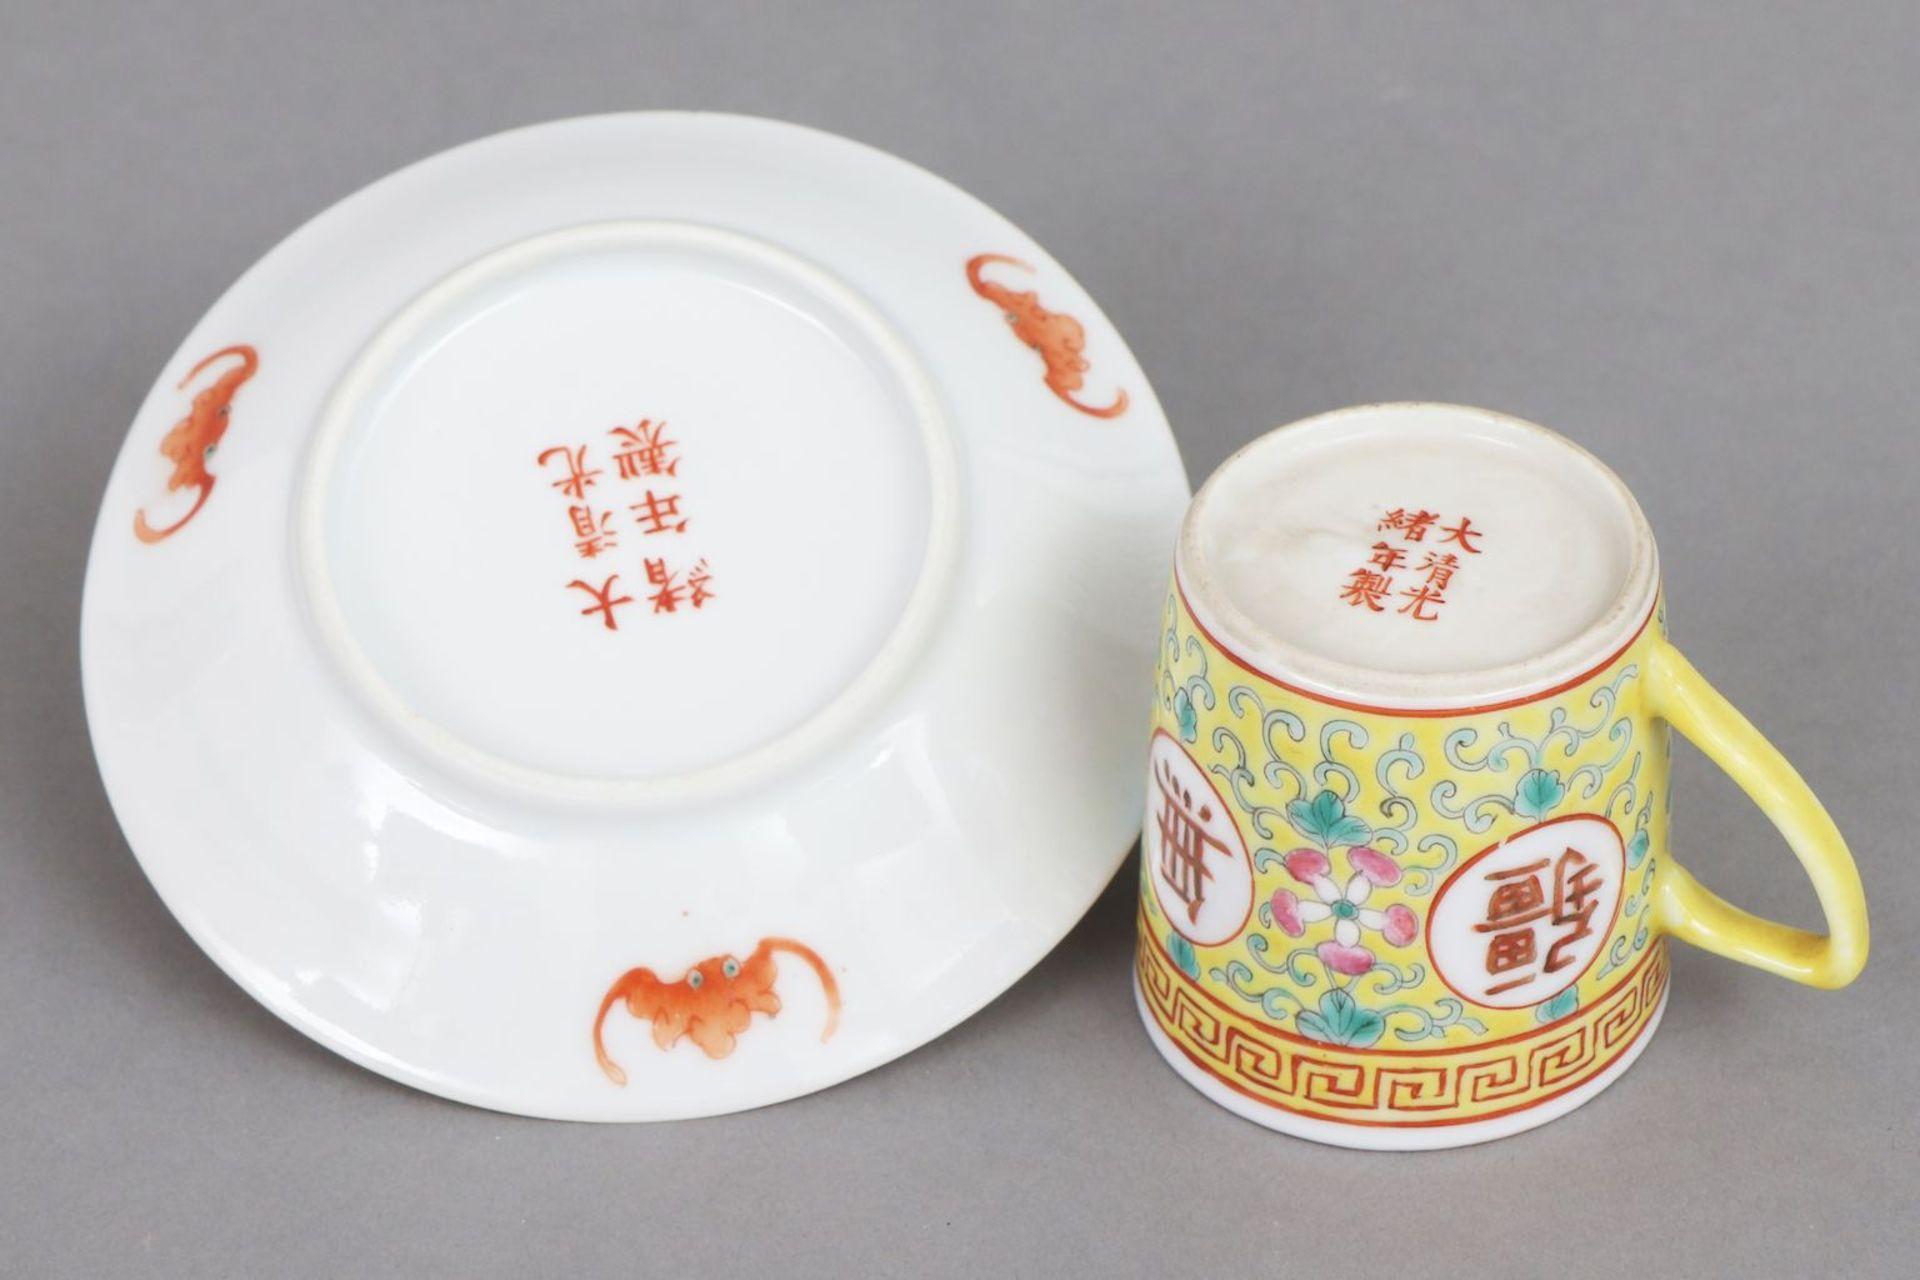 6 chinesische Tassen mit Untertassen - Bild 5 aus 6